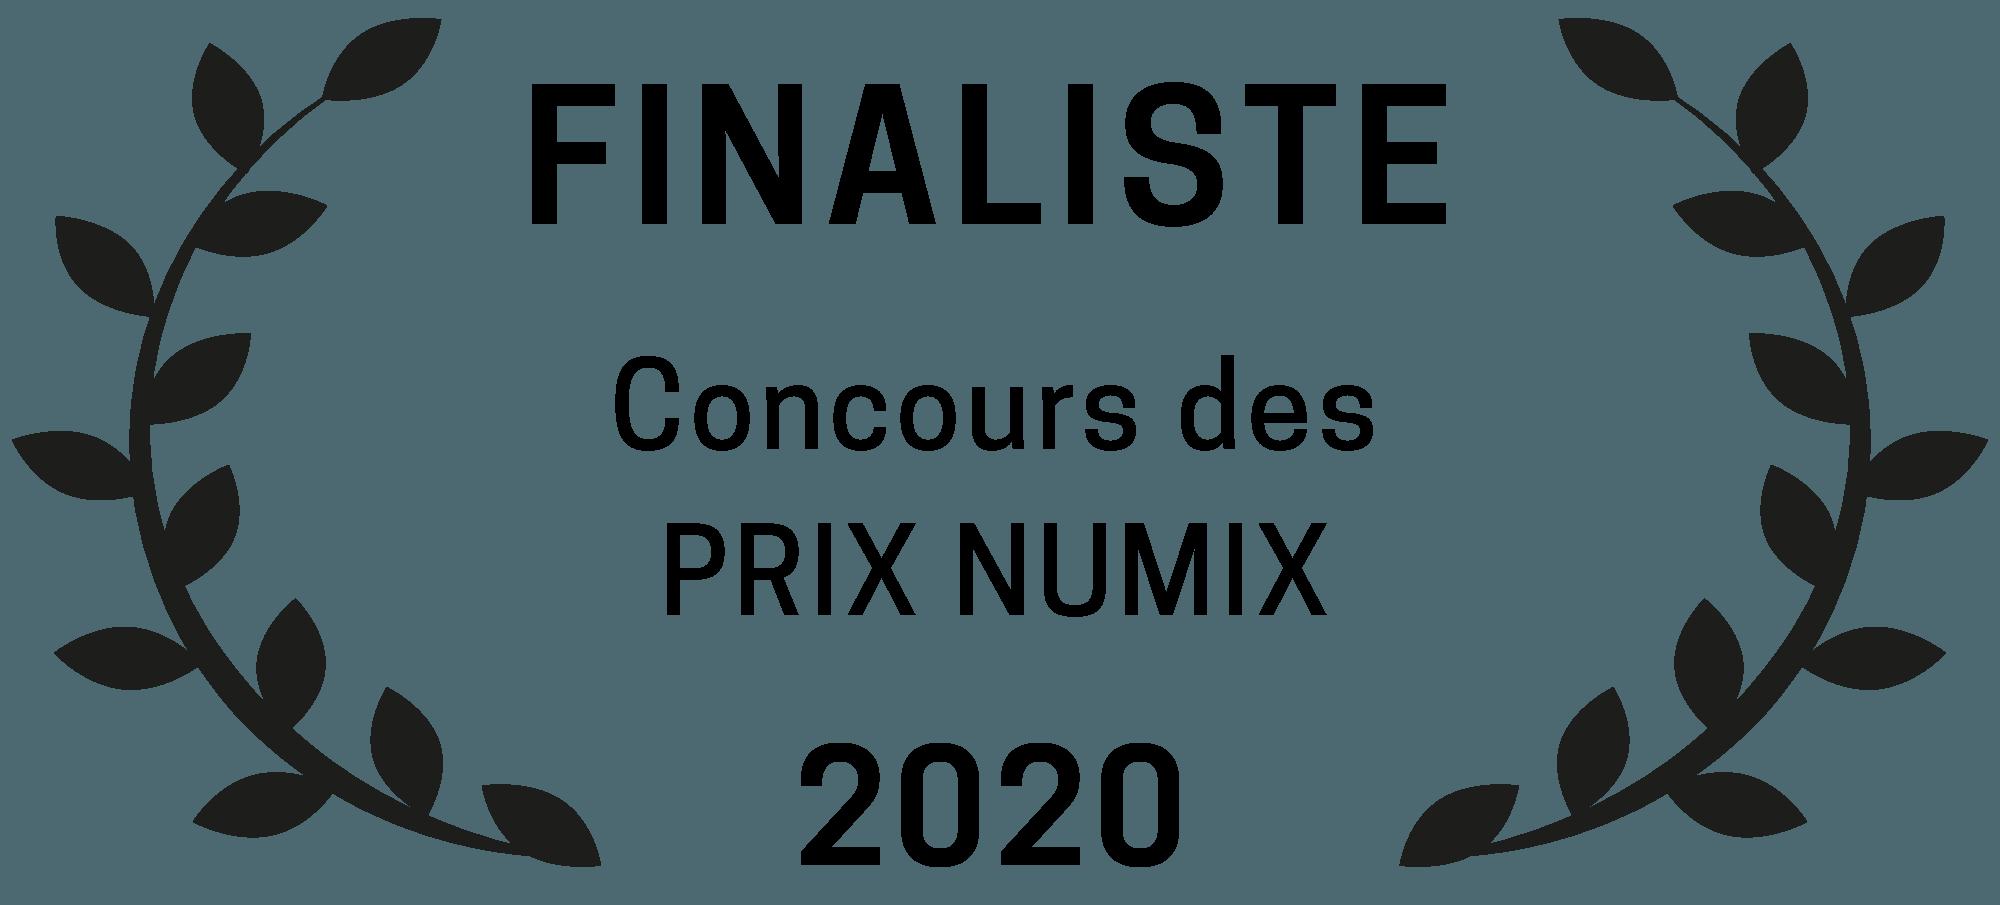 Finalist Numix 2020